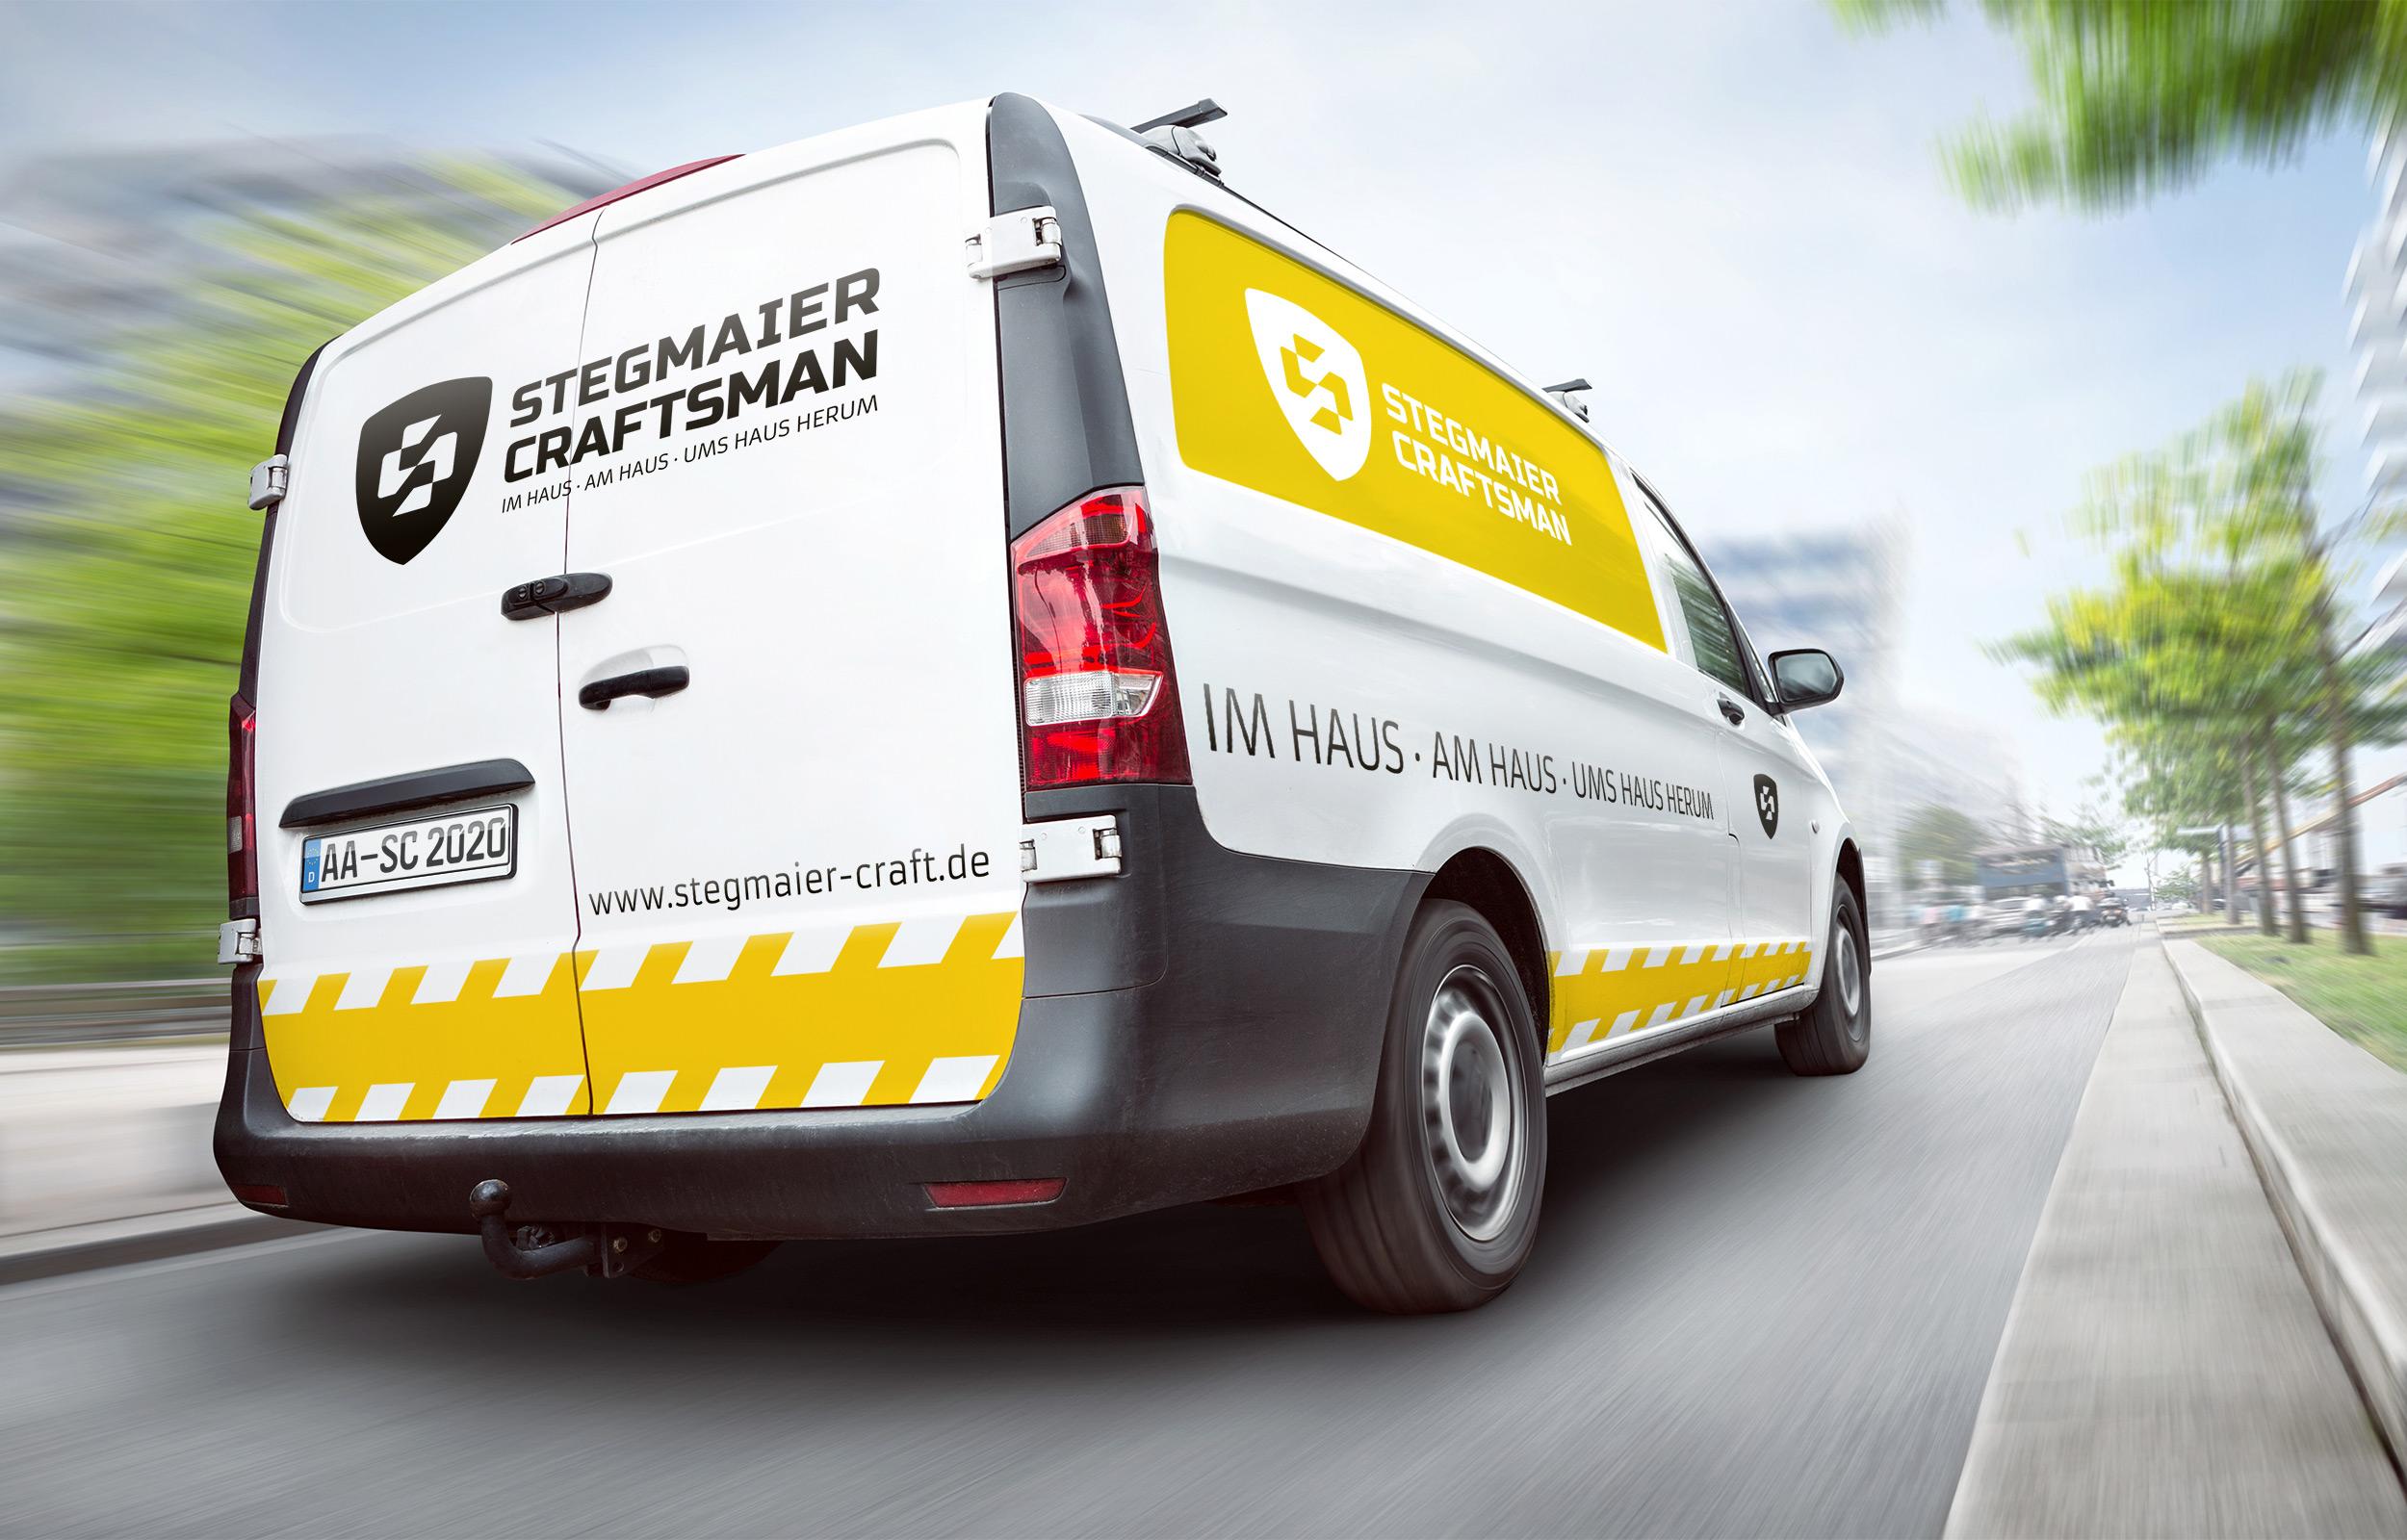 Stegmaier Craftsman Fahrzeugbeschriftung